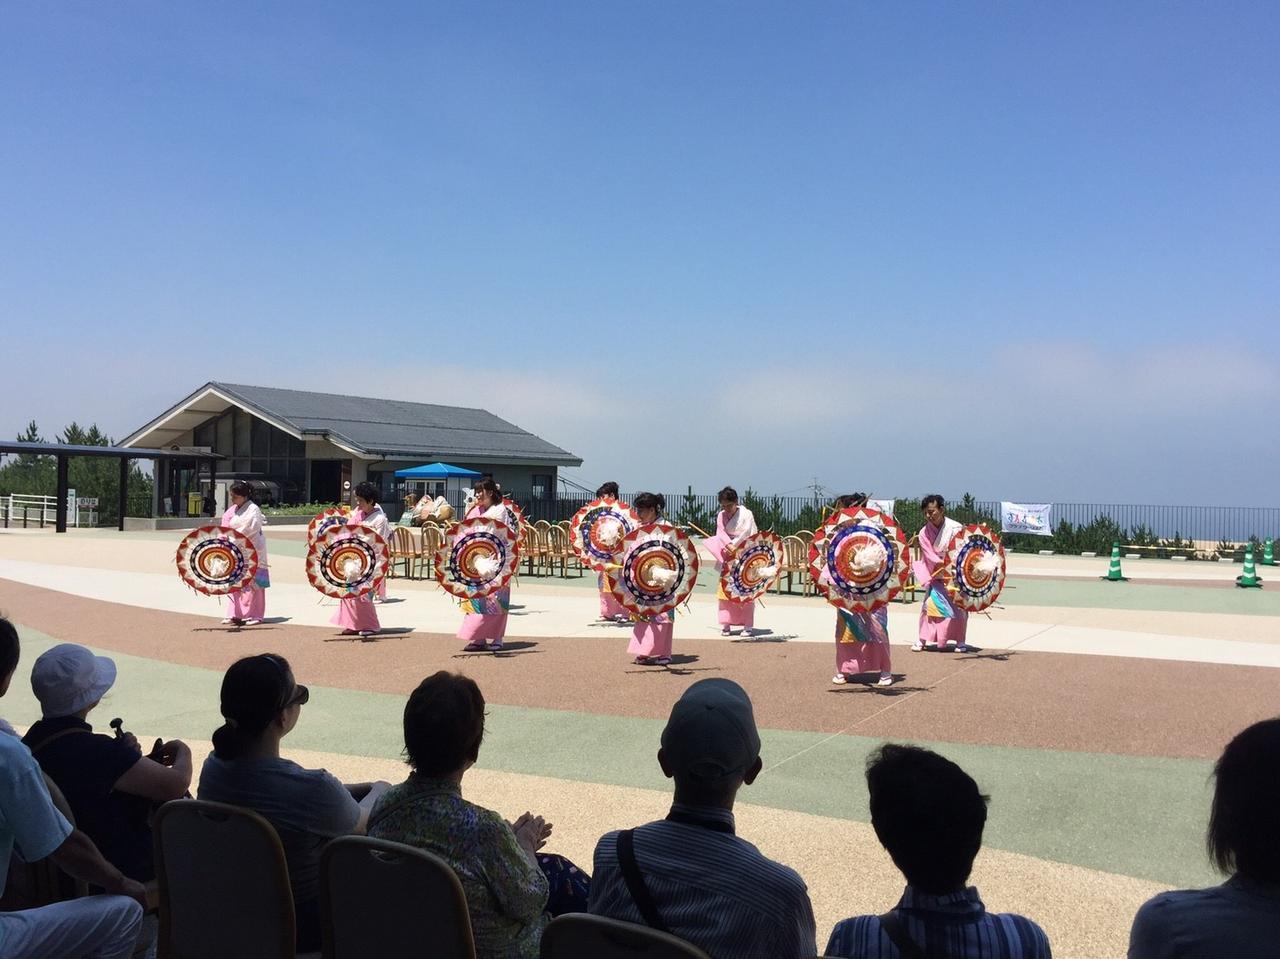 画像: 鳥取砂丘を背景に「砂丘テラス」にて行われた鳥取市観光協会連による「しゃんしゃん傘踊り」の様子